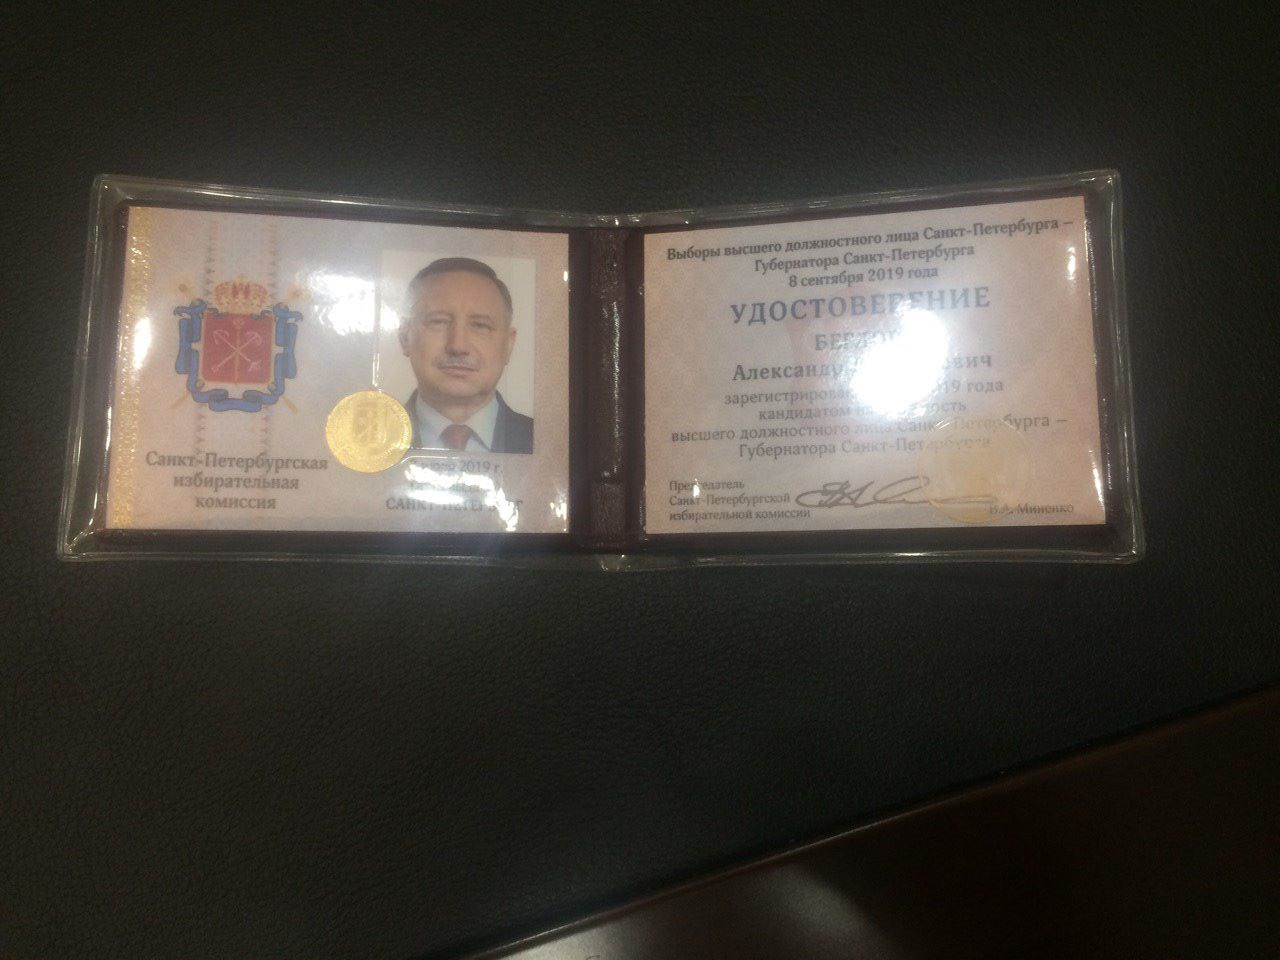 фото ЗакС политика Беглов не пришёл в ГИК получать удостоверение кандидата в губернаторы